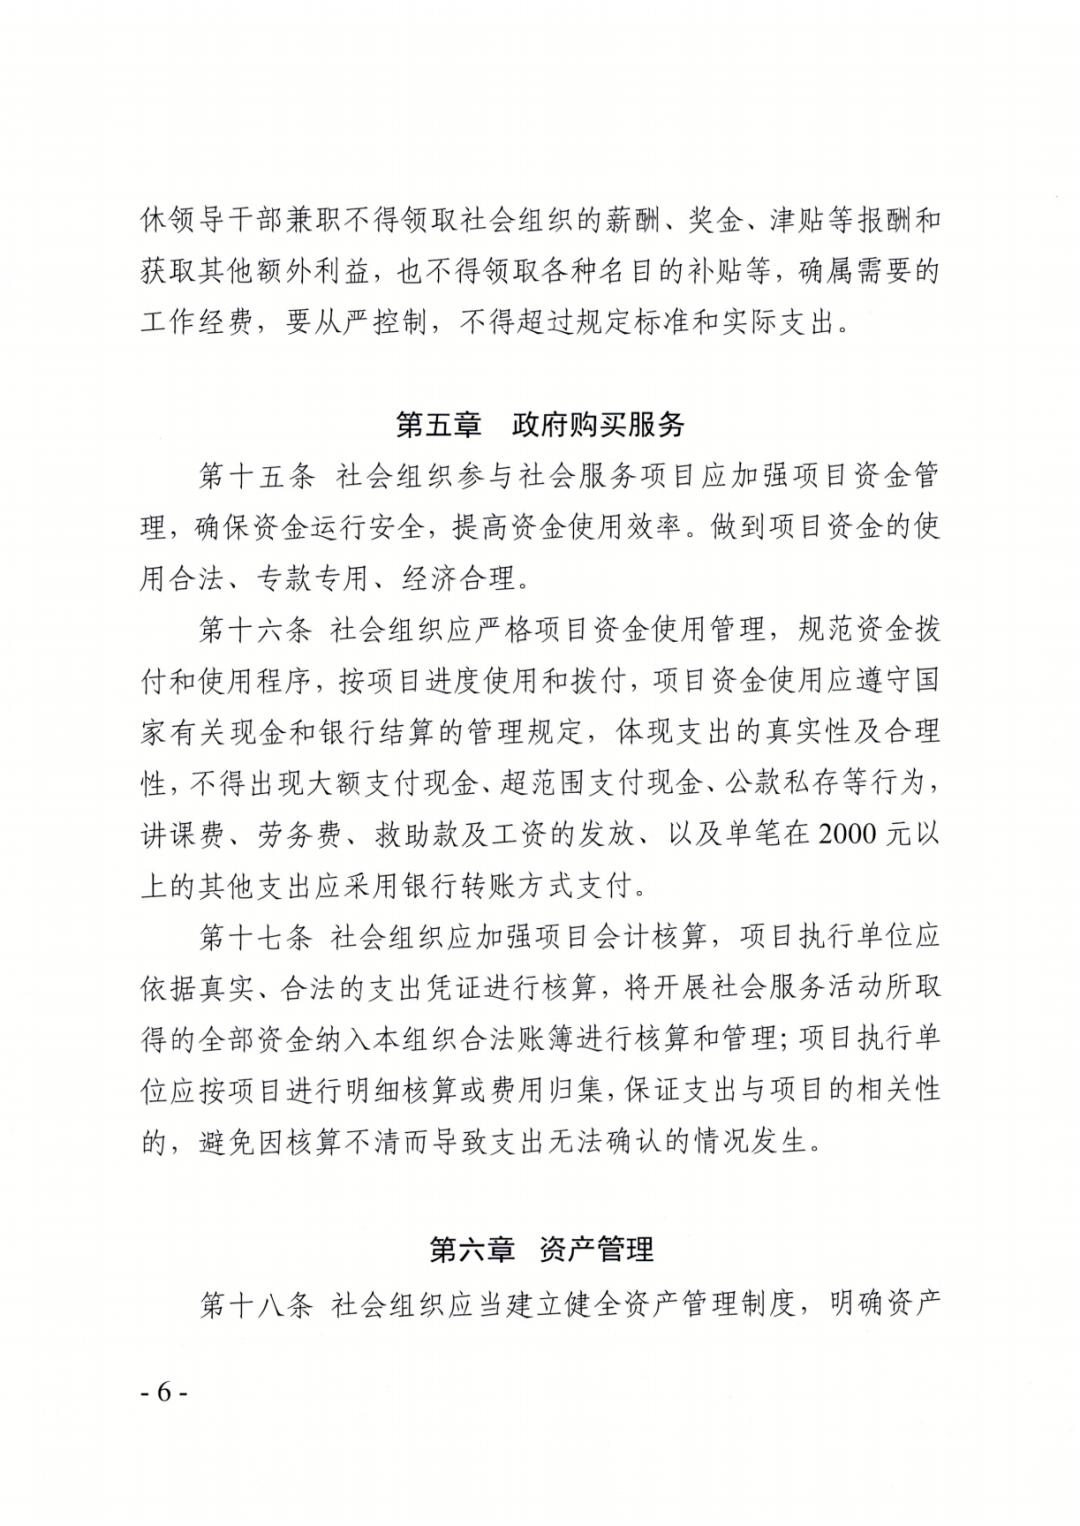 株洲市民政局关于印发《株洲市社会组织财务管理指引》的通知